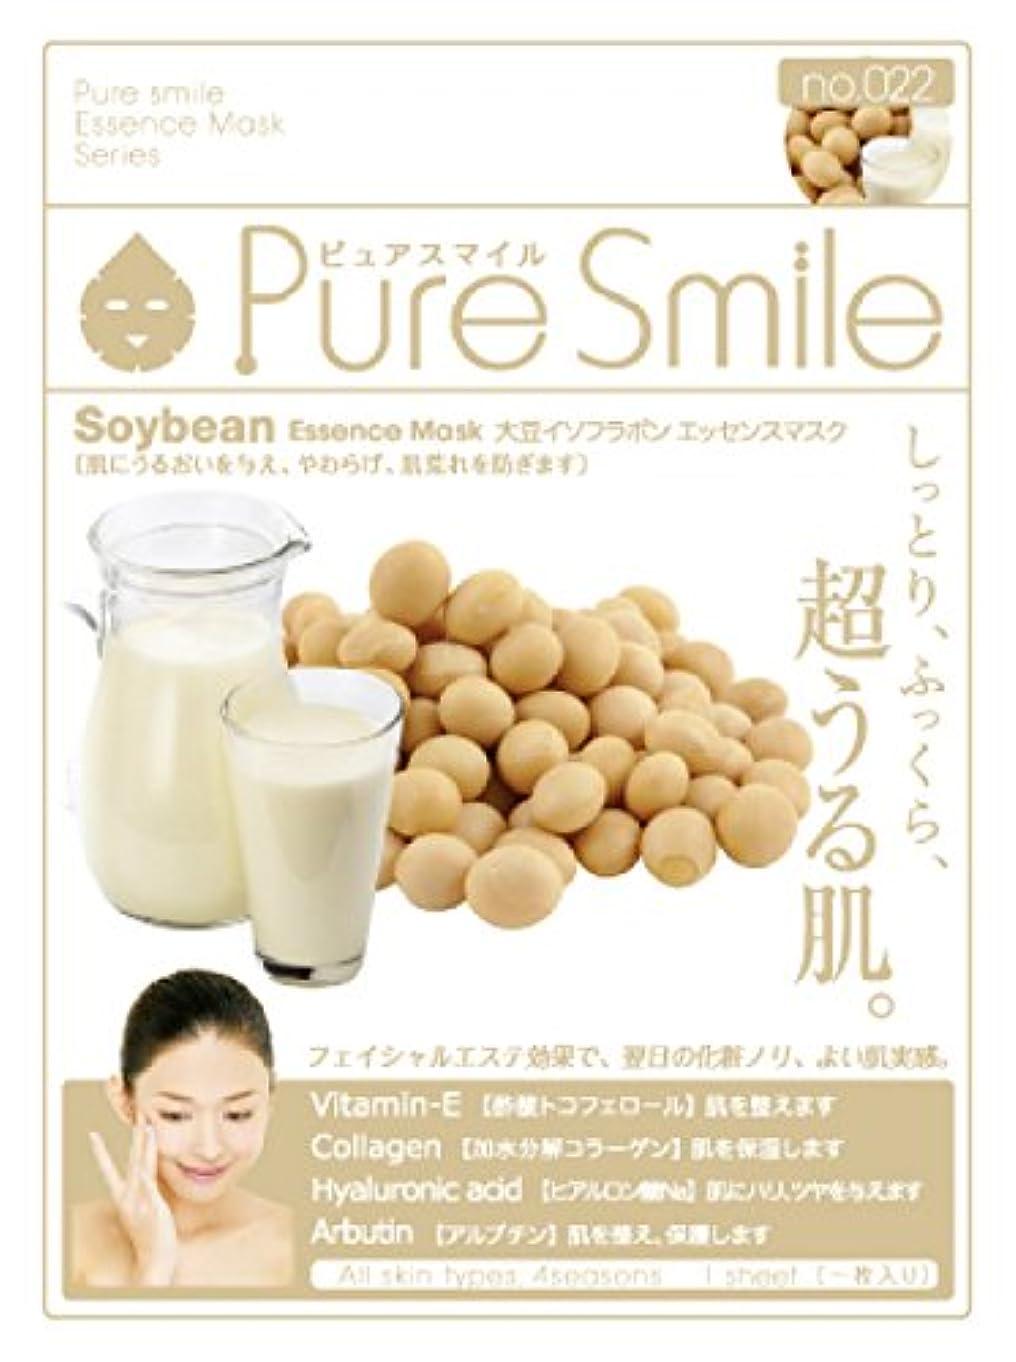 アウター凍ったマルコポーロPure Smile エッセンスマスク 大豆イソフラボン 23ml?30枚